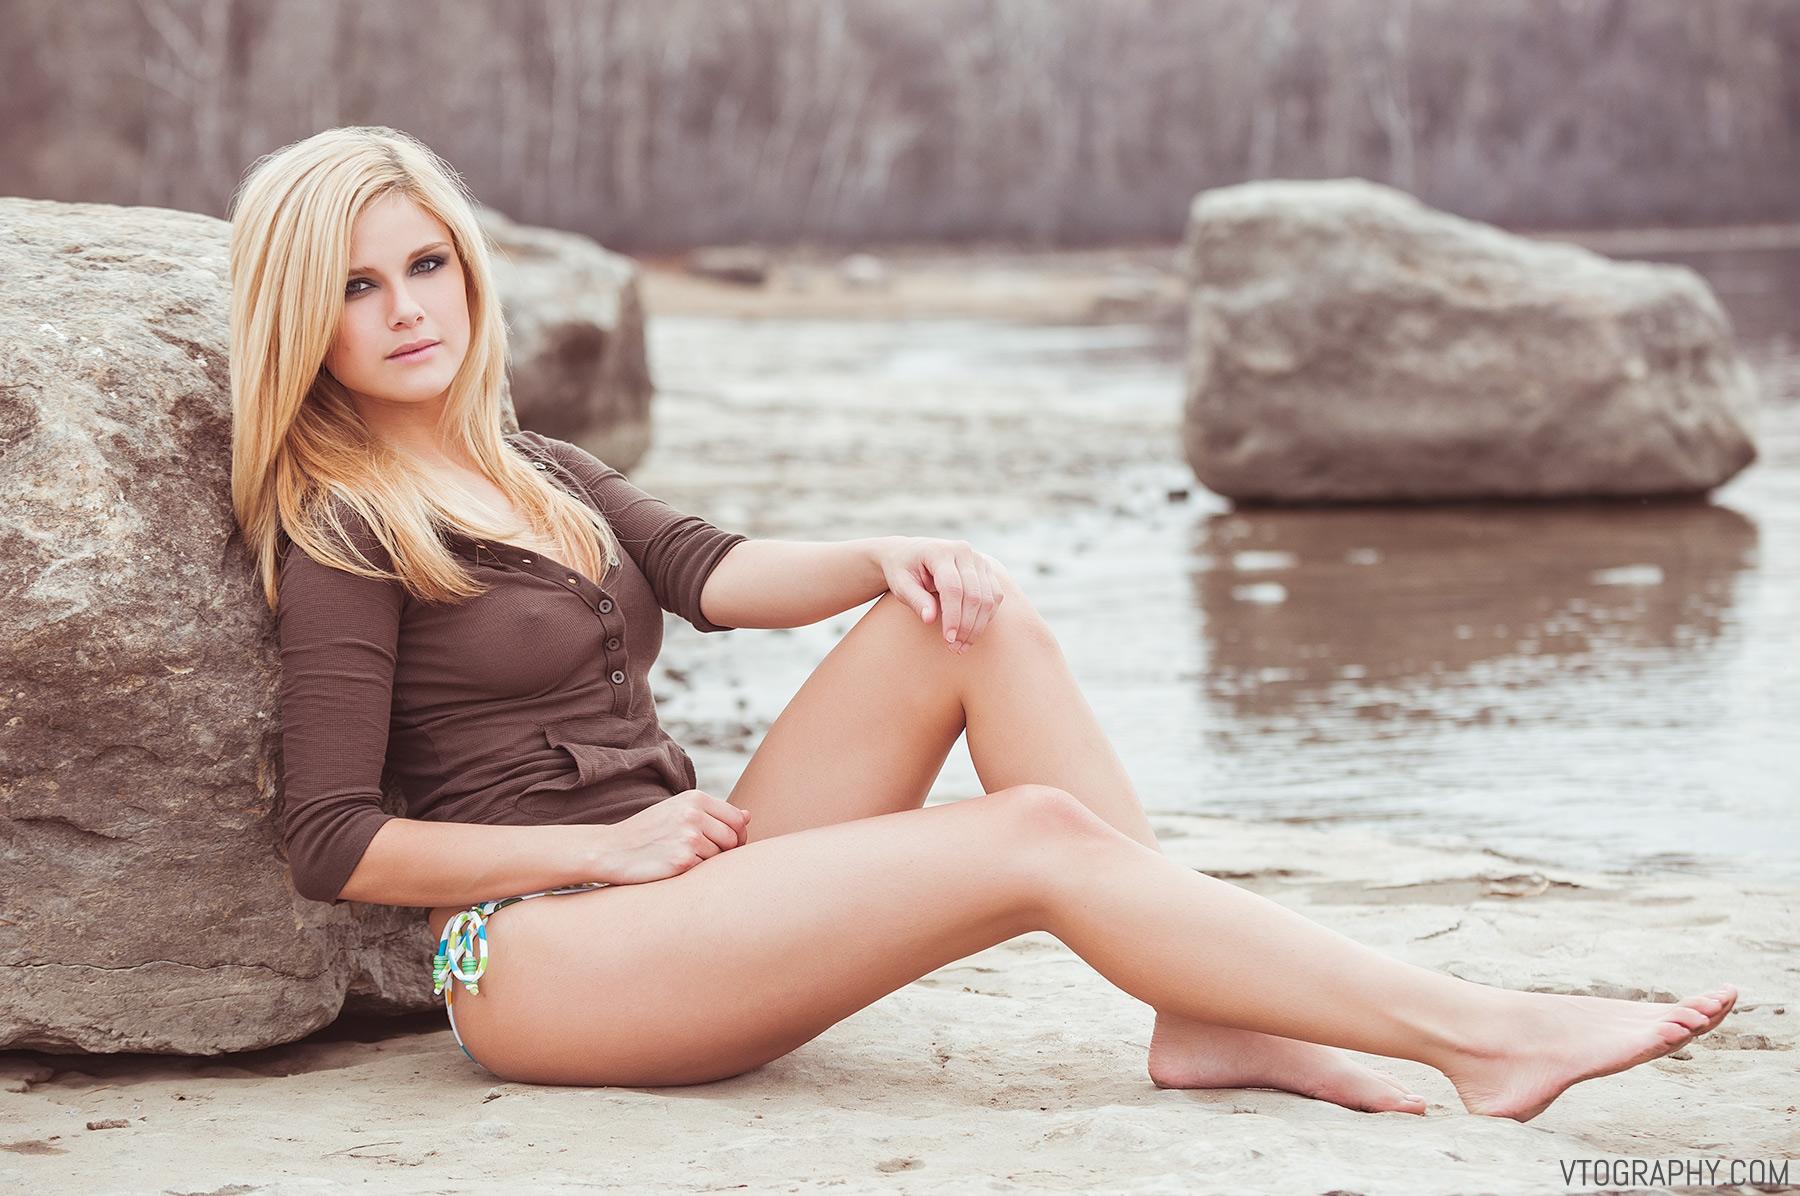 Adriana Isabel (Adriana Boy) beach photo shoot